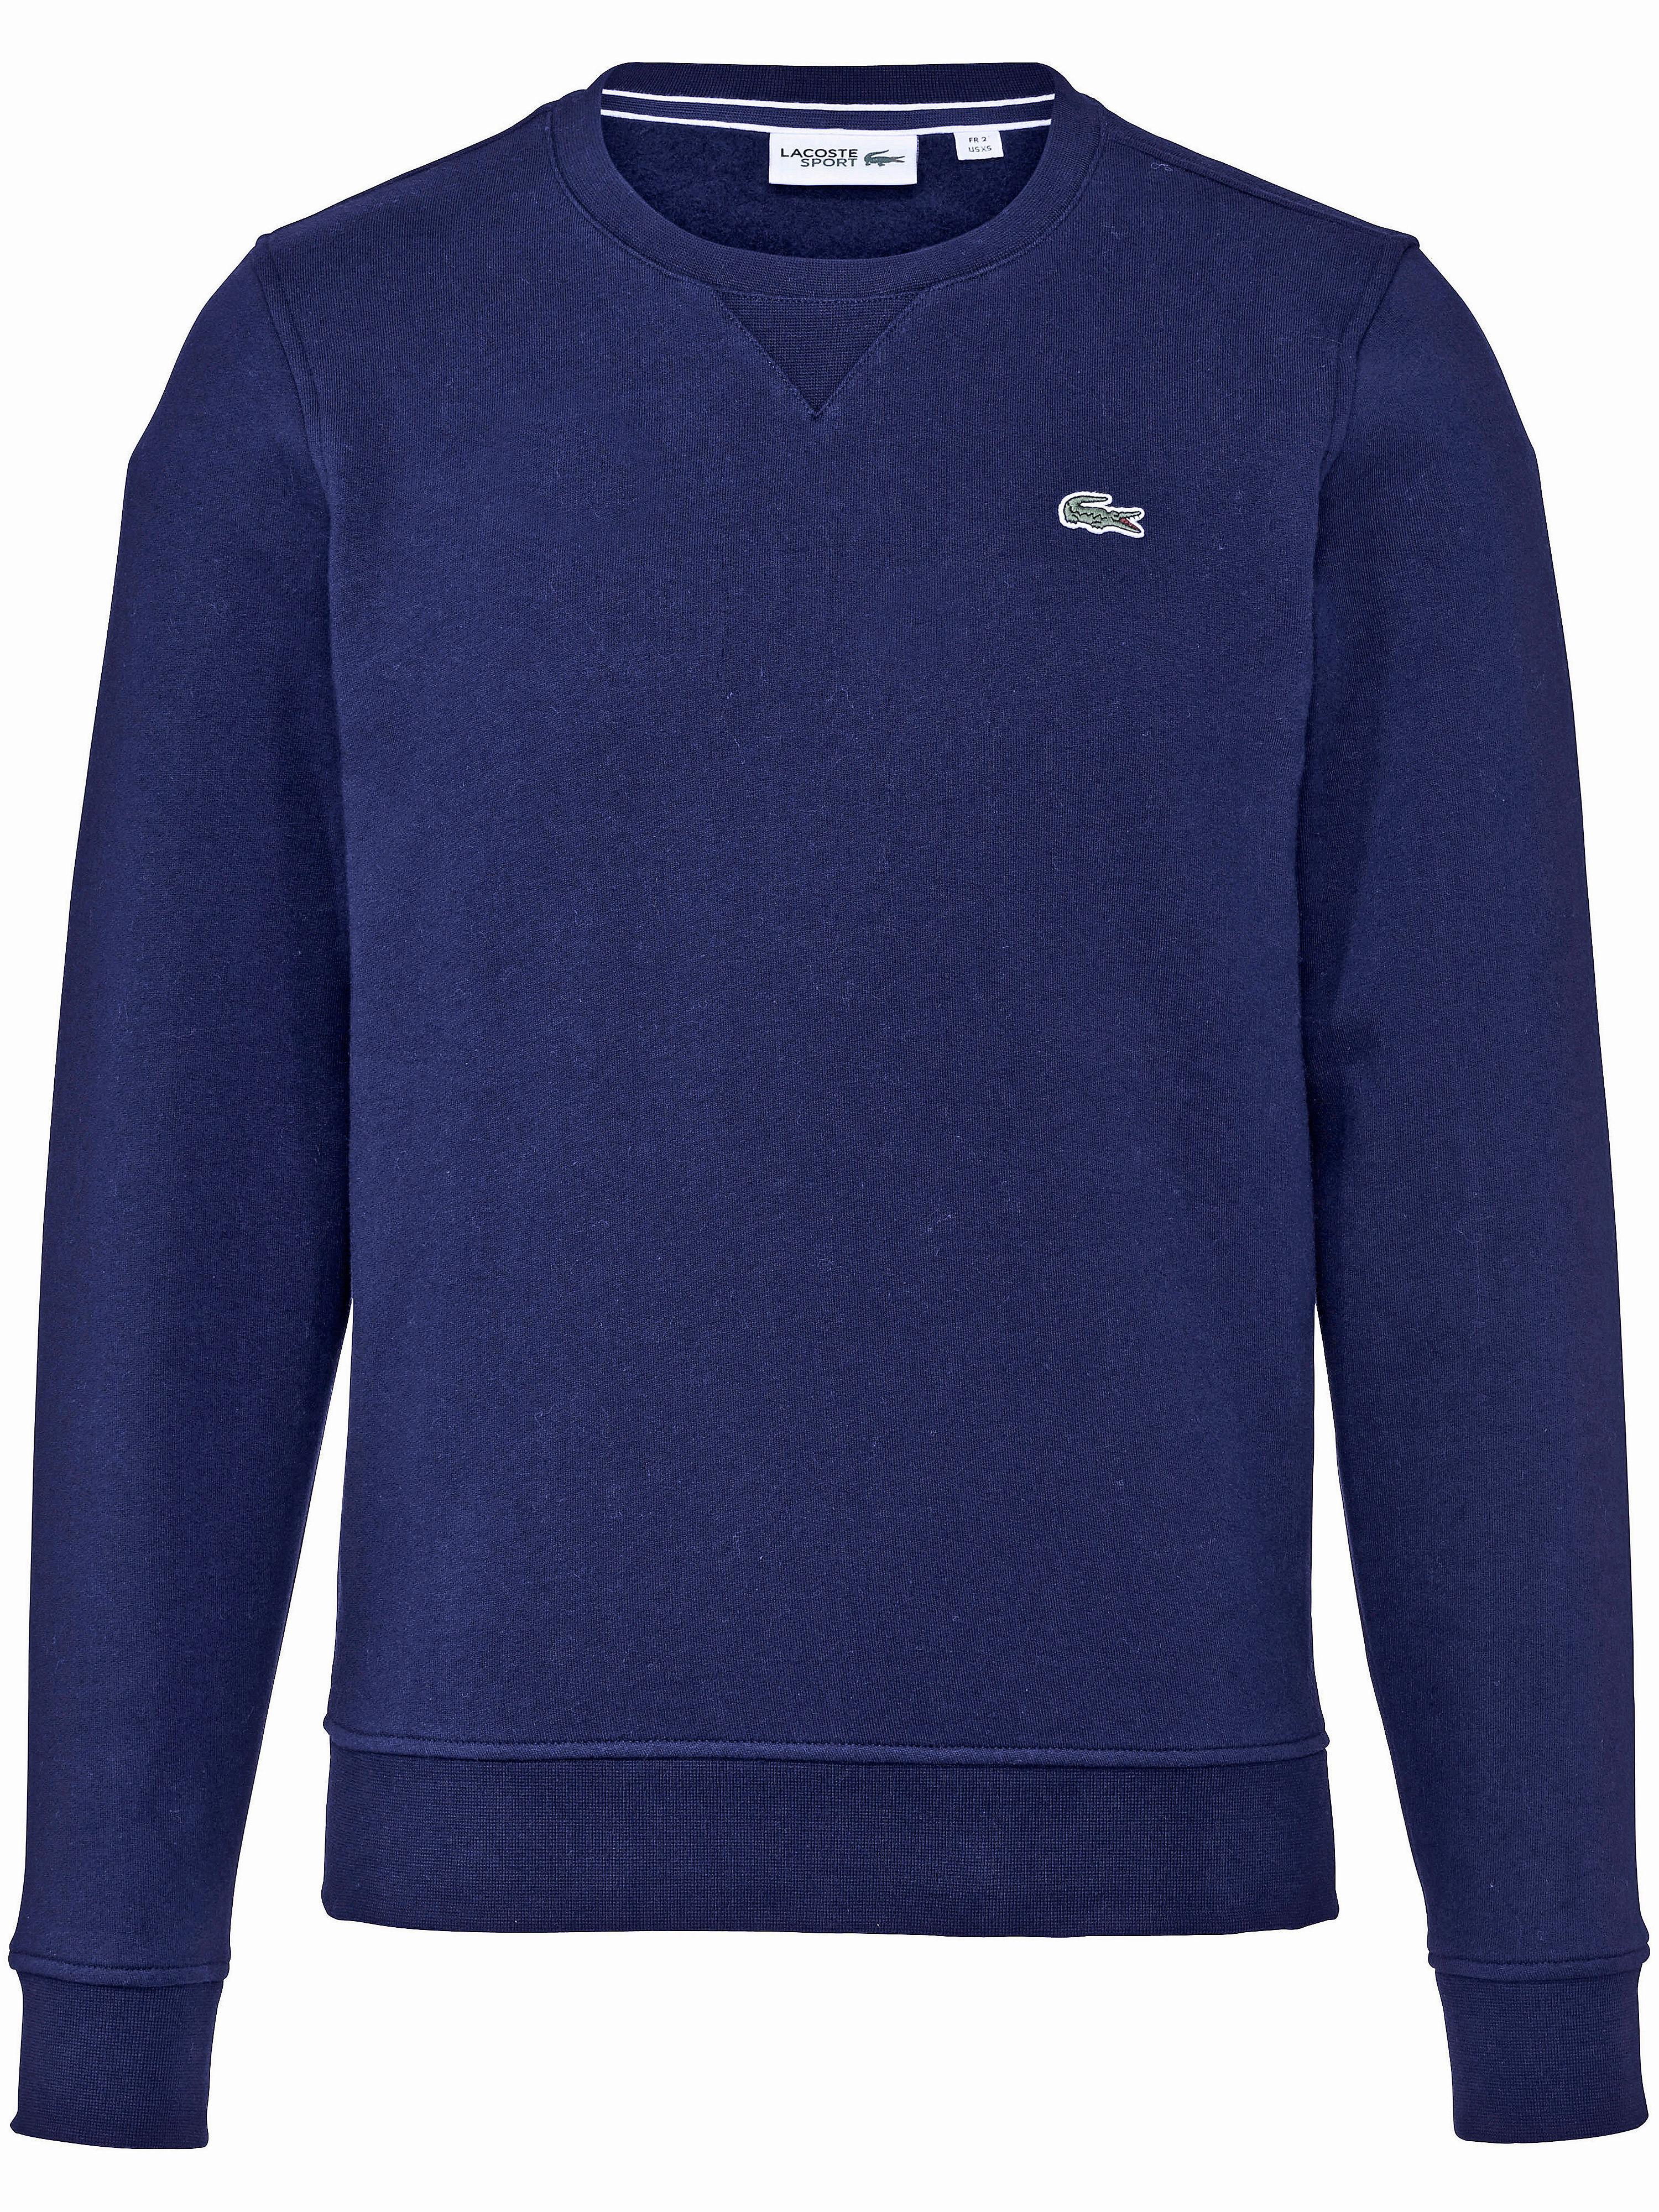 Image of   Sweatshirt Fra Lacoste blå